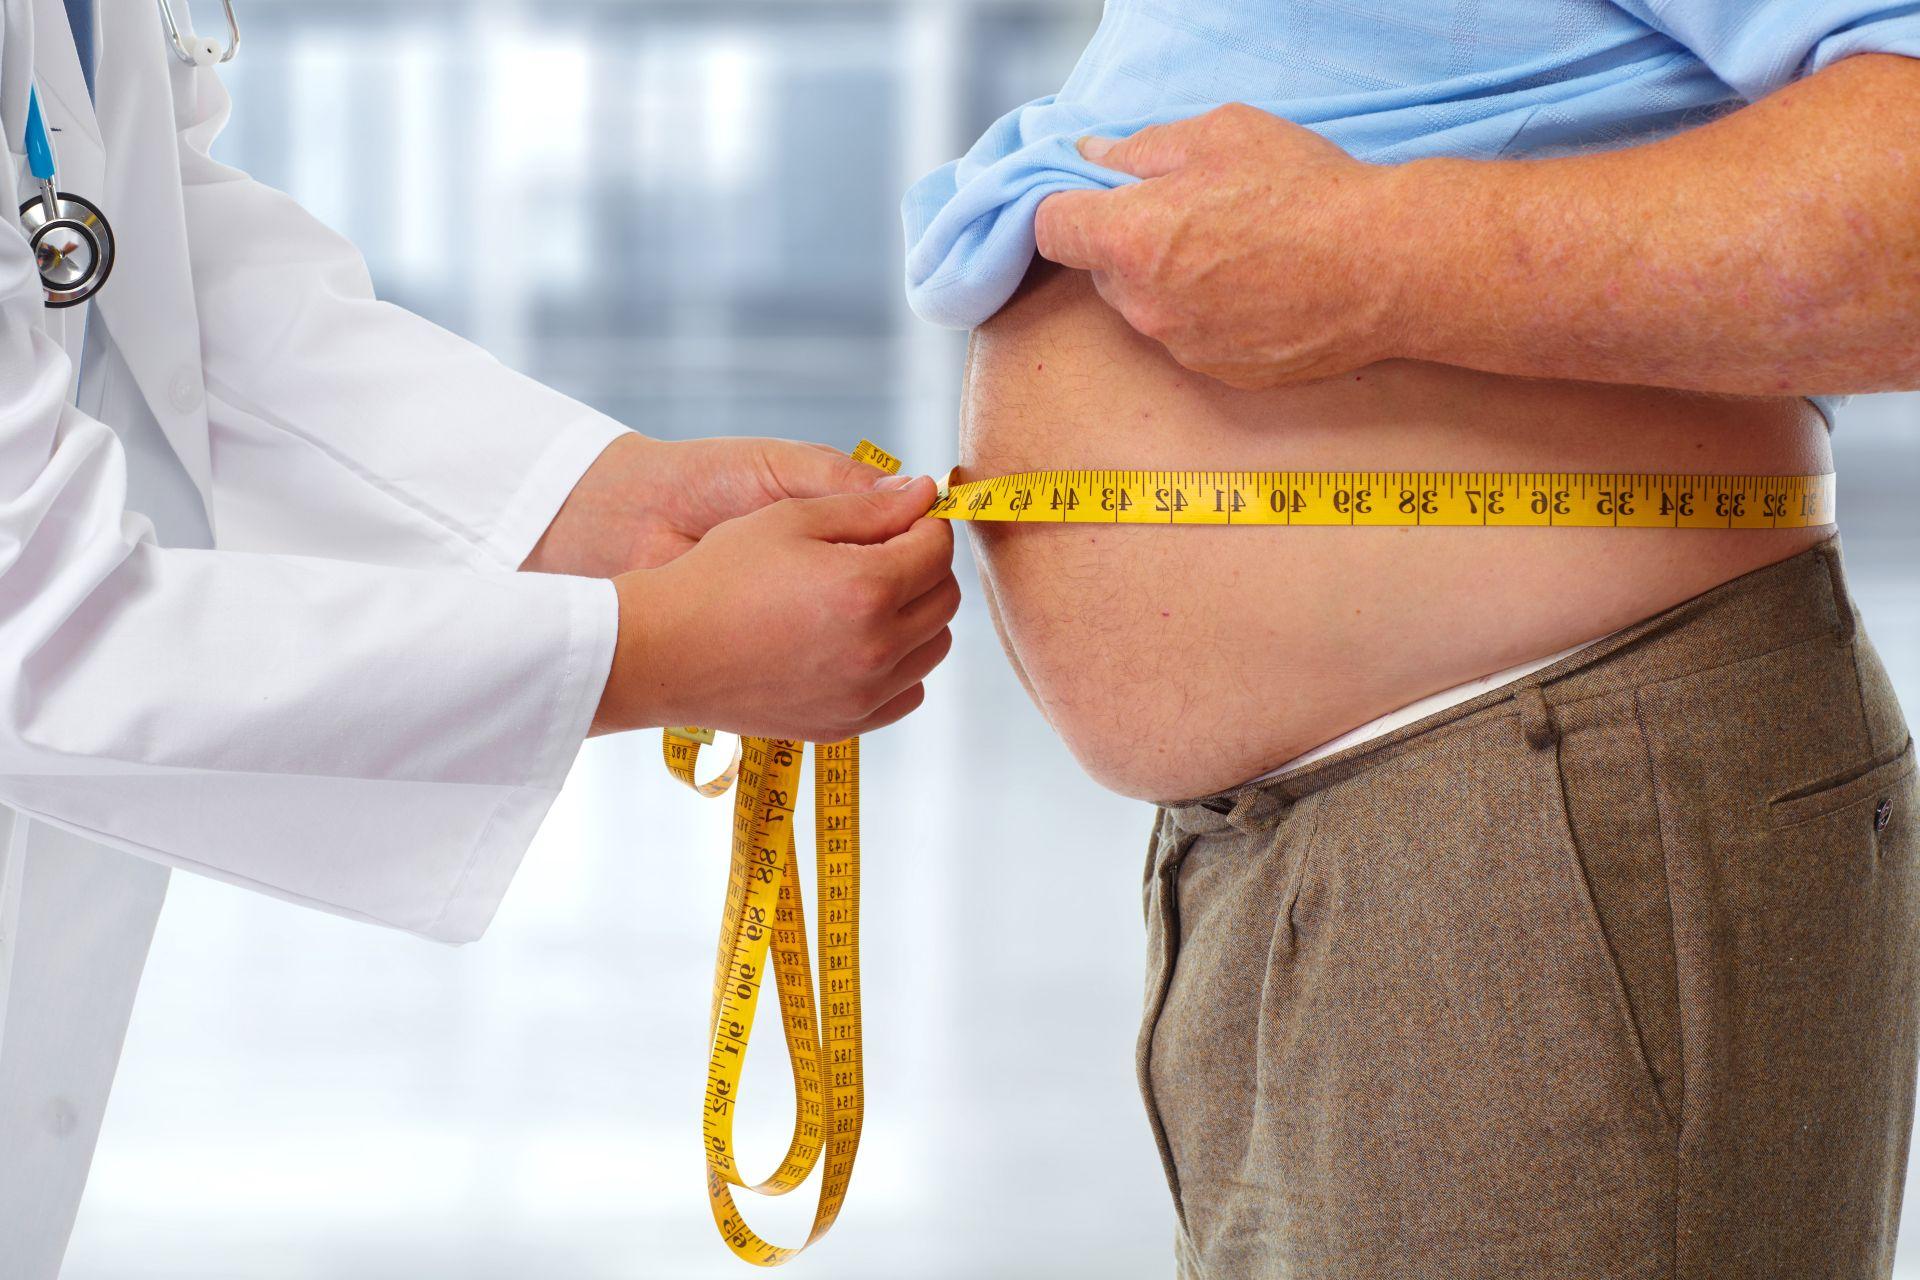 Injeção para controlar diabete tem sido usada para emagrecer